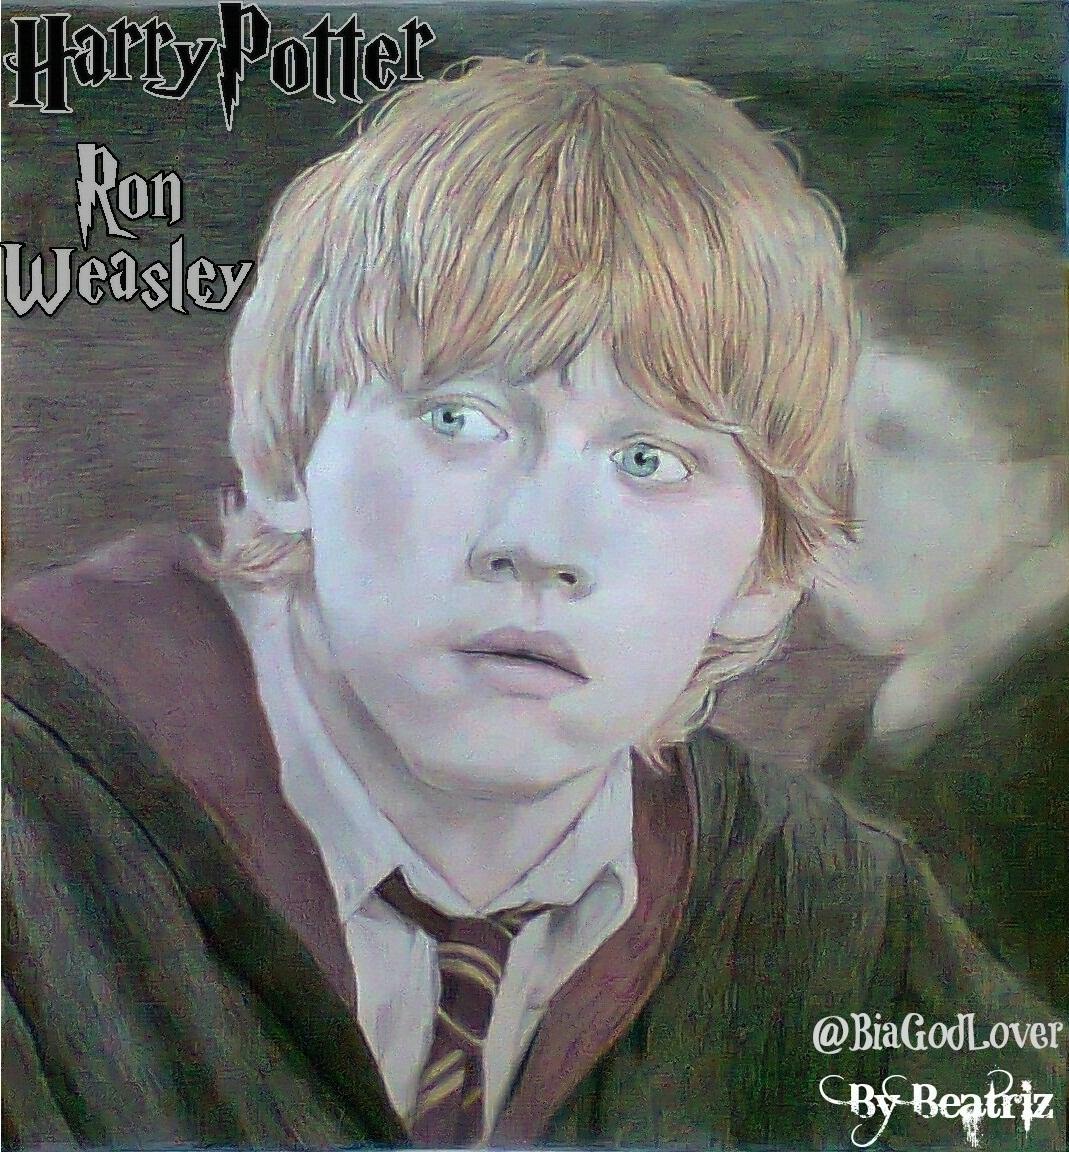 Most Inspiring Wallpaper Harry Potter Fanart - Rupert-Grint-Ron-Weasley-Harry-Potter-fanart-33255633-1069-1152  Trends_429177.jpg